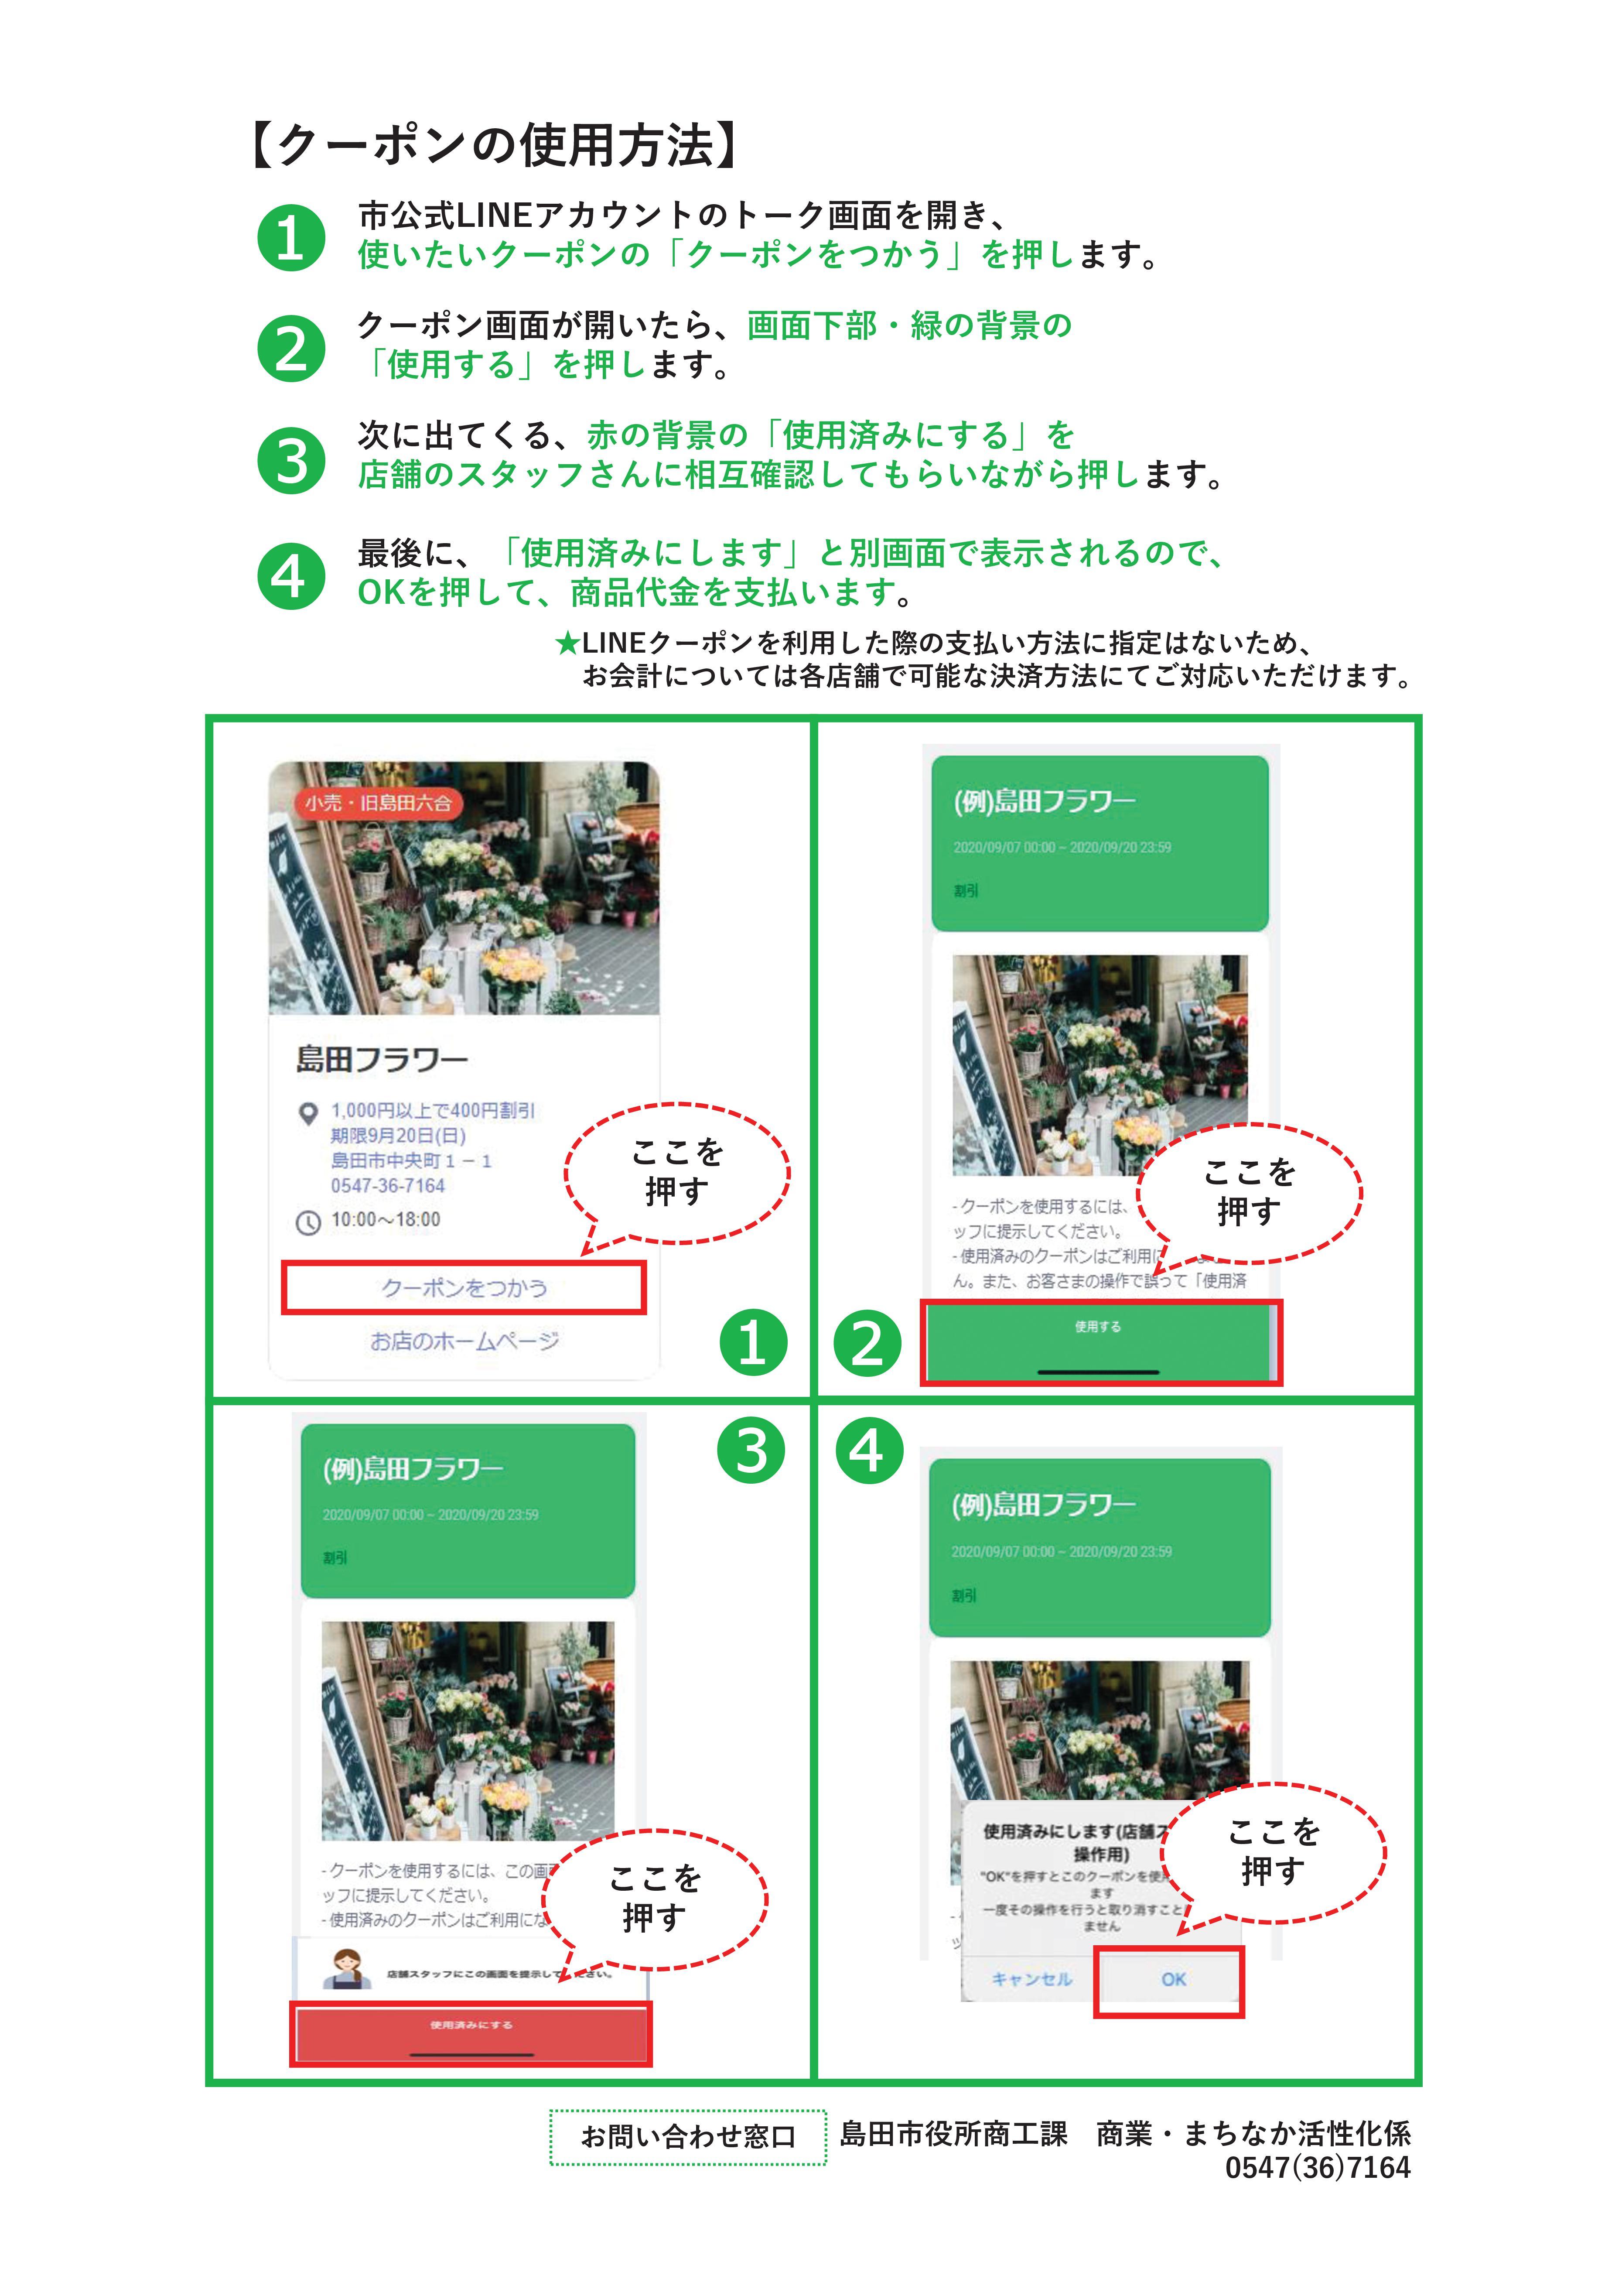 【決】LINEクーポン事業チラシ(市民向け)-02